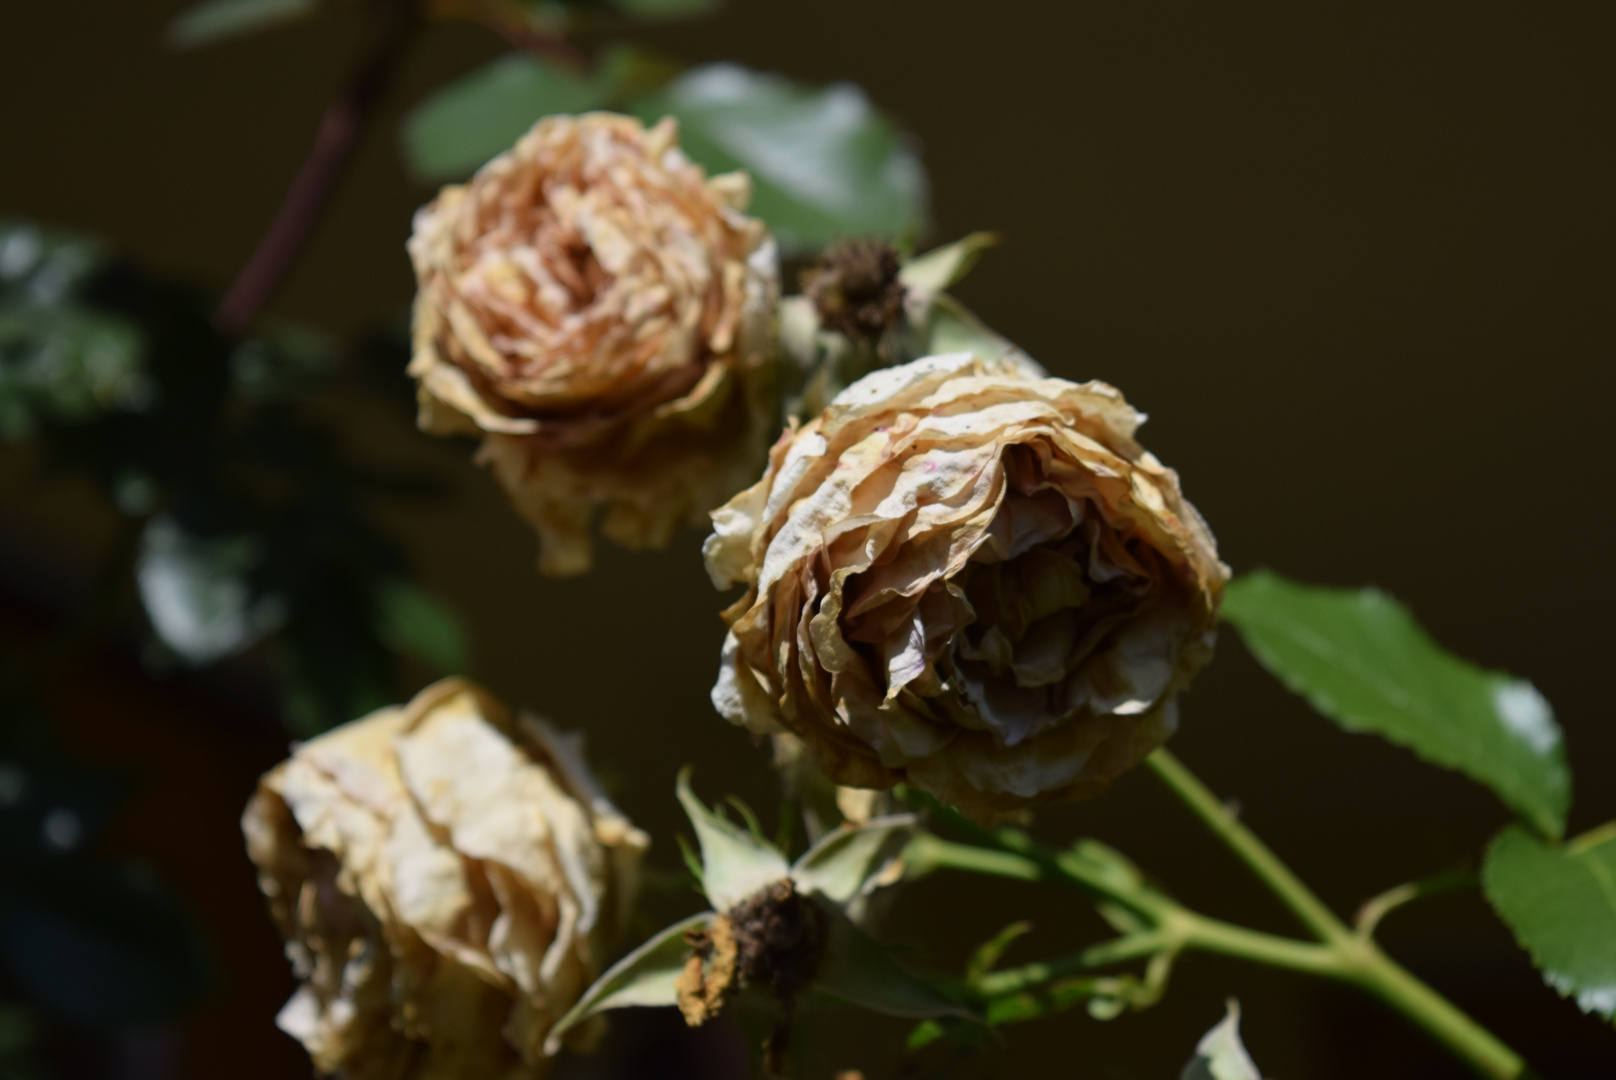 Die Hitze hat den Rosen schon so zugesetzt!